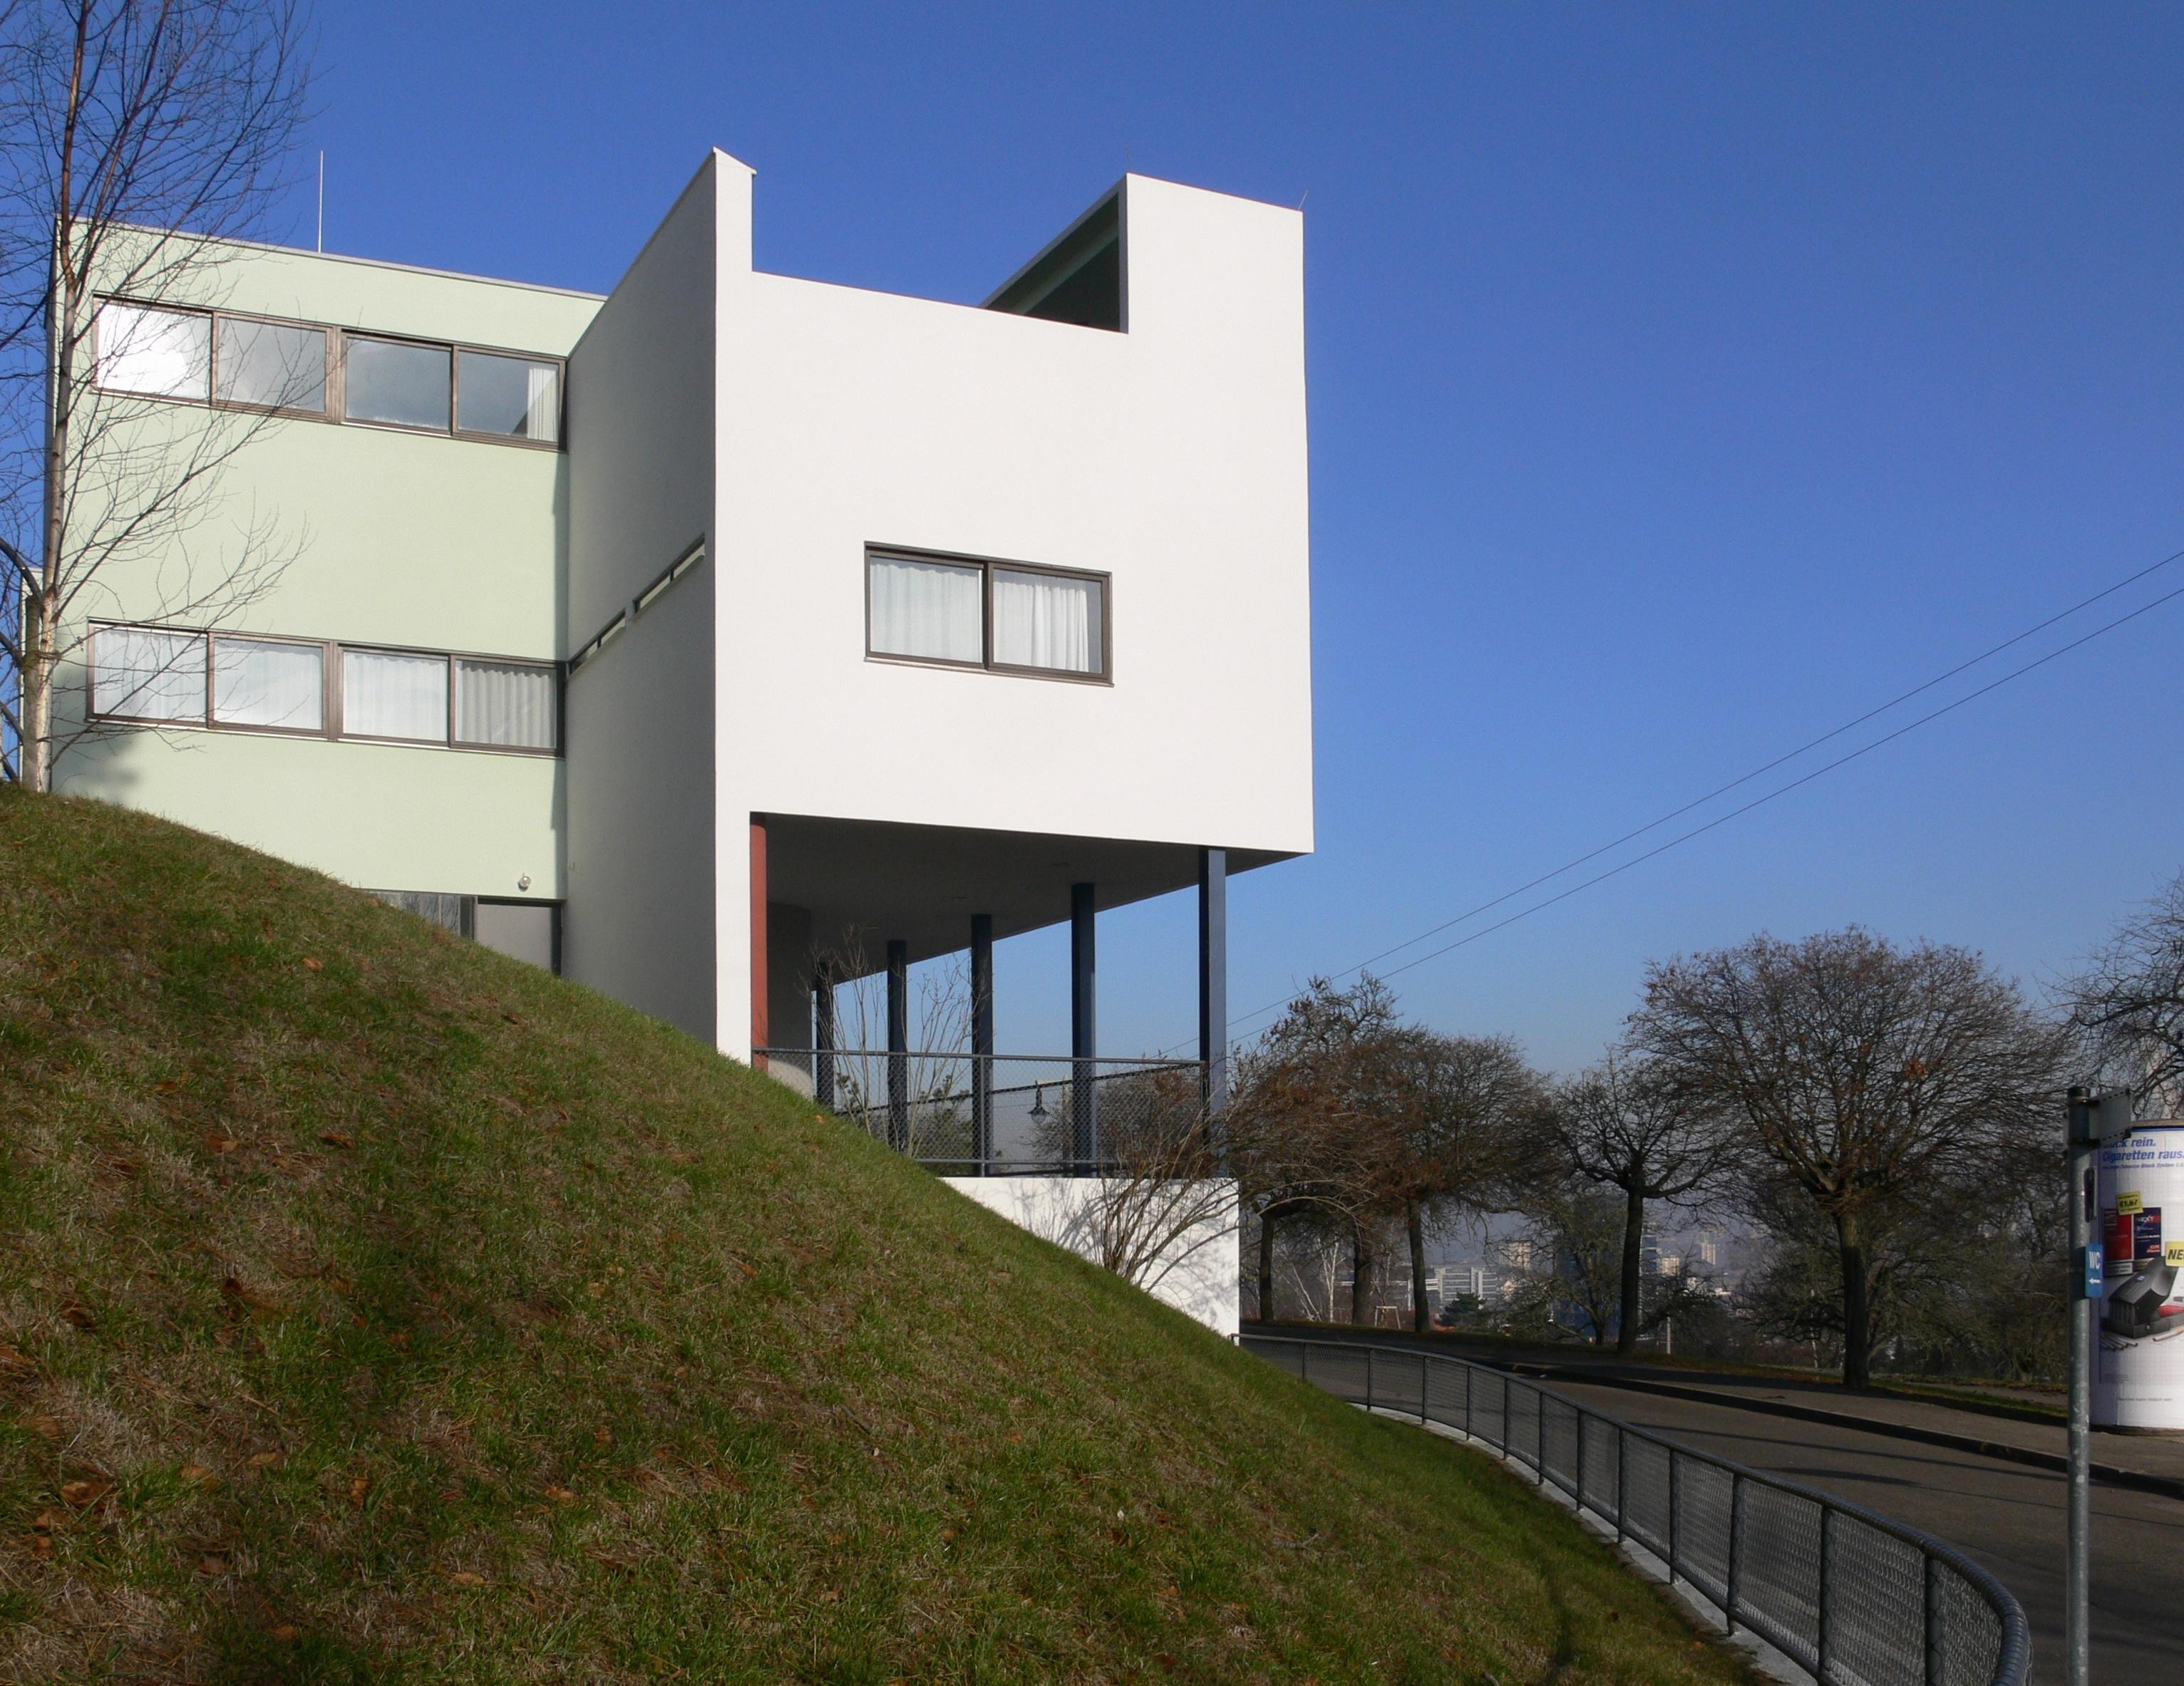 Vom Bauhaus, der Neuen Typografie und der Stuttgarter Schule